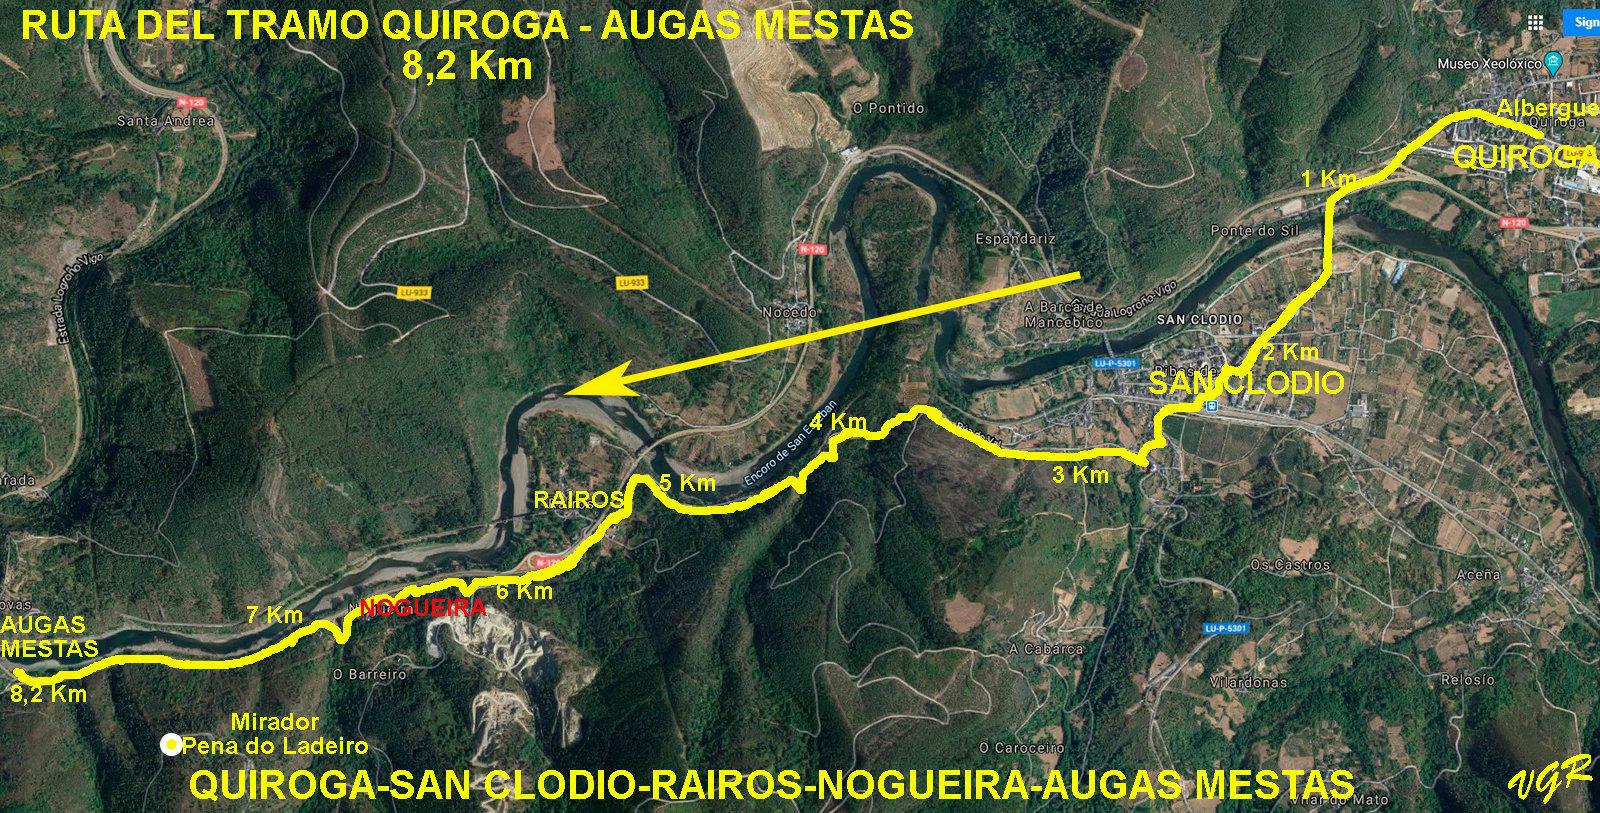 1-Tramo Quiroga-Augas Mestas-WEB.jpg